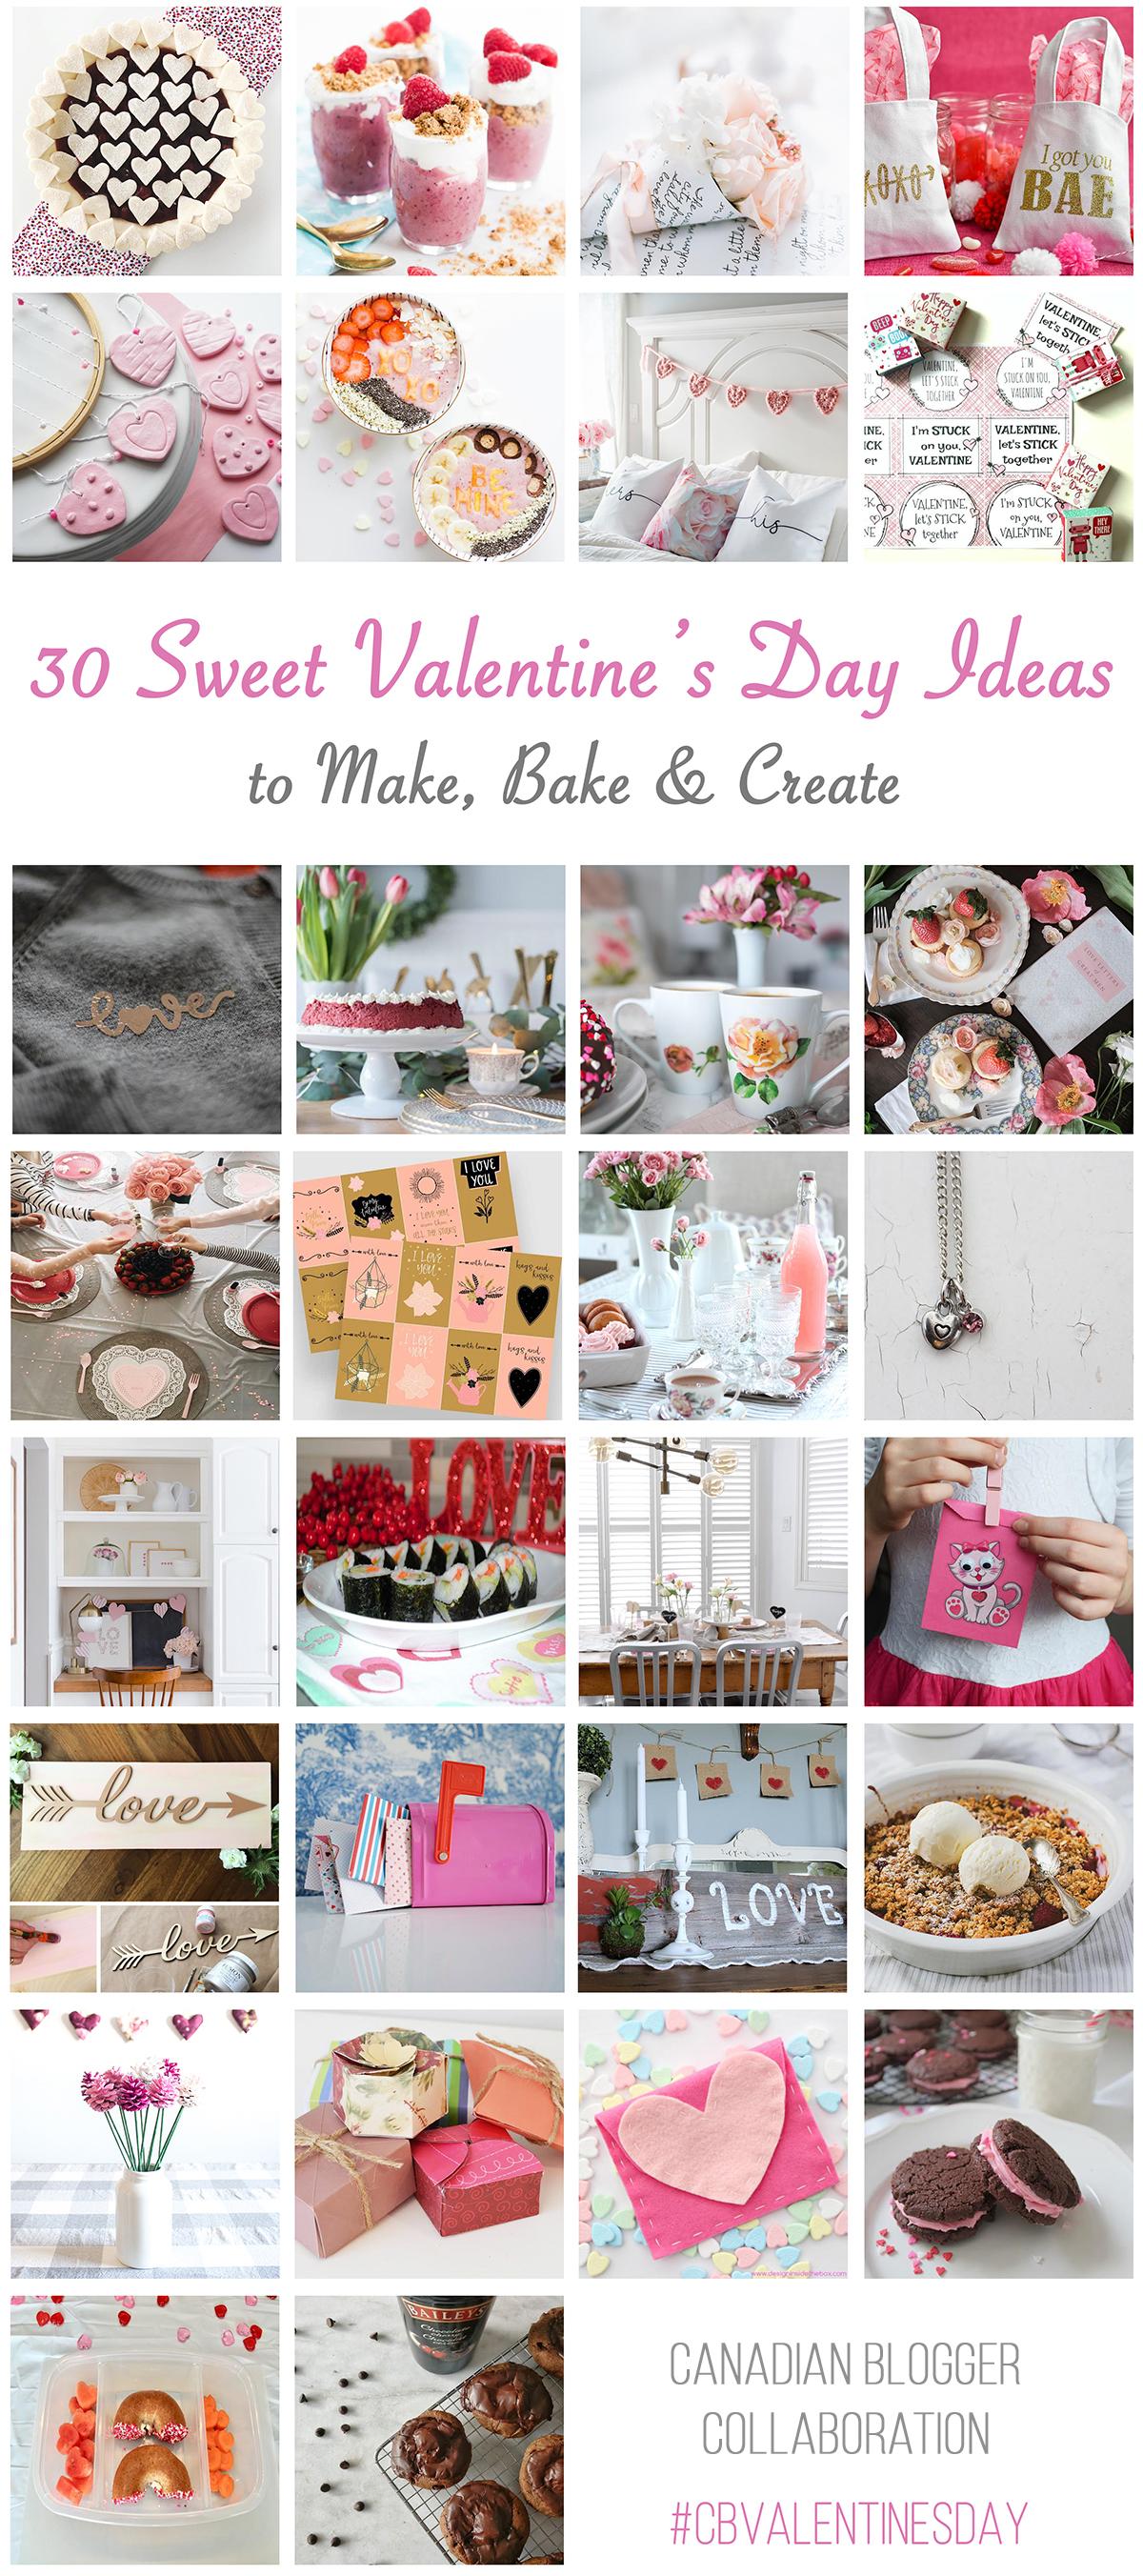 30 Valentine's Day Ideas to Make, Bake & Create